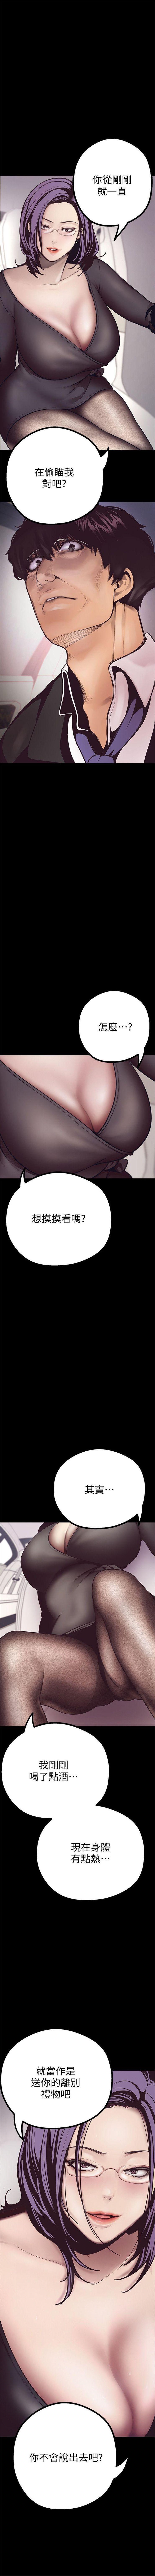 (週1)美麗新世界 1-70 中文翻譯 (更新中) 59